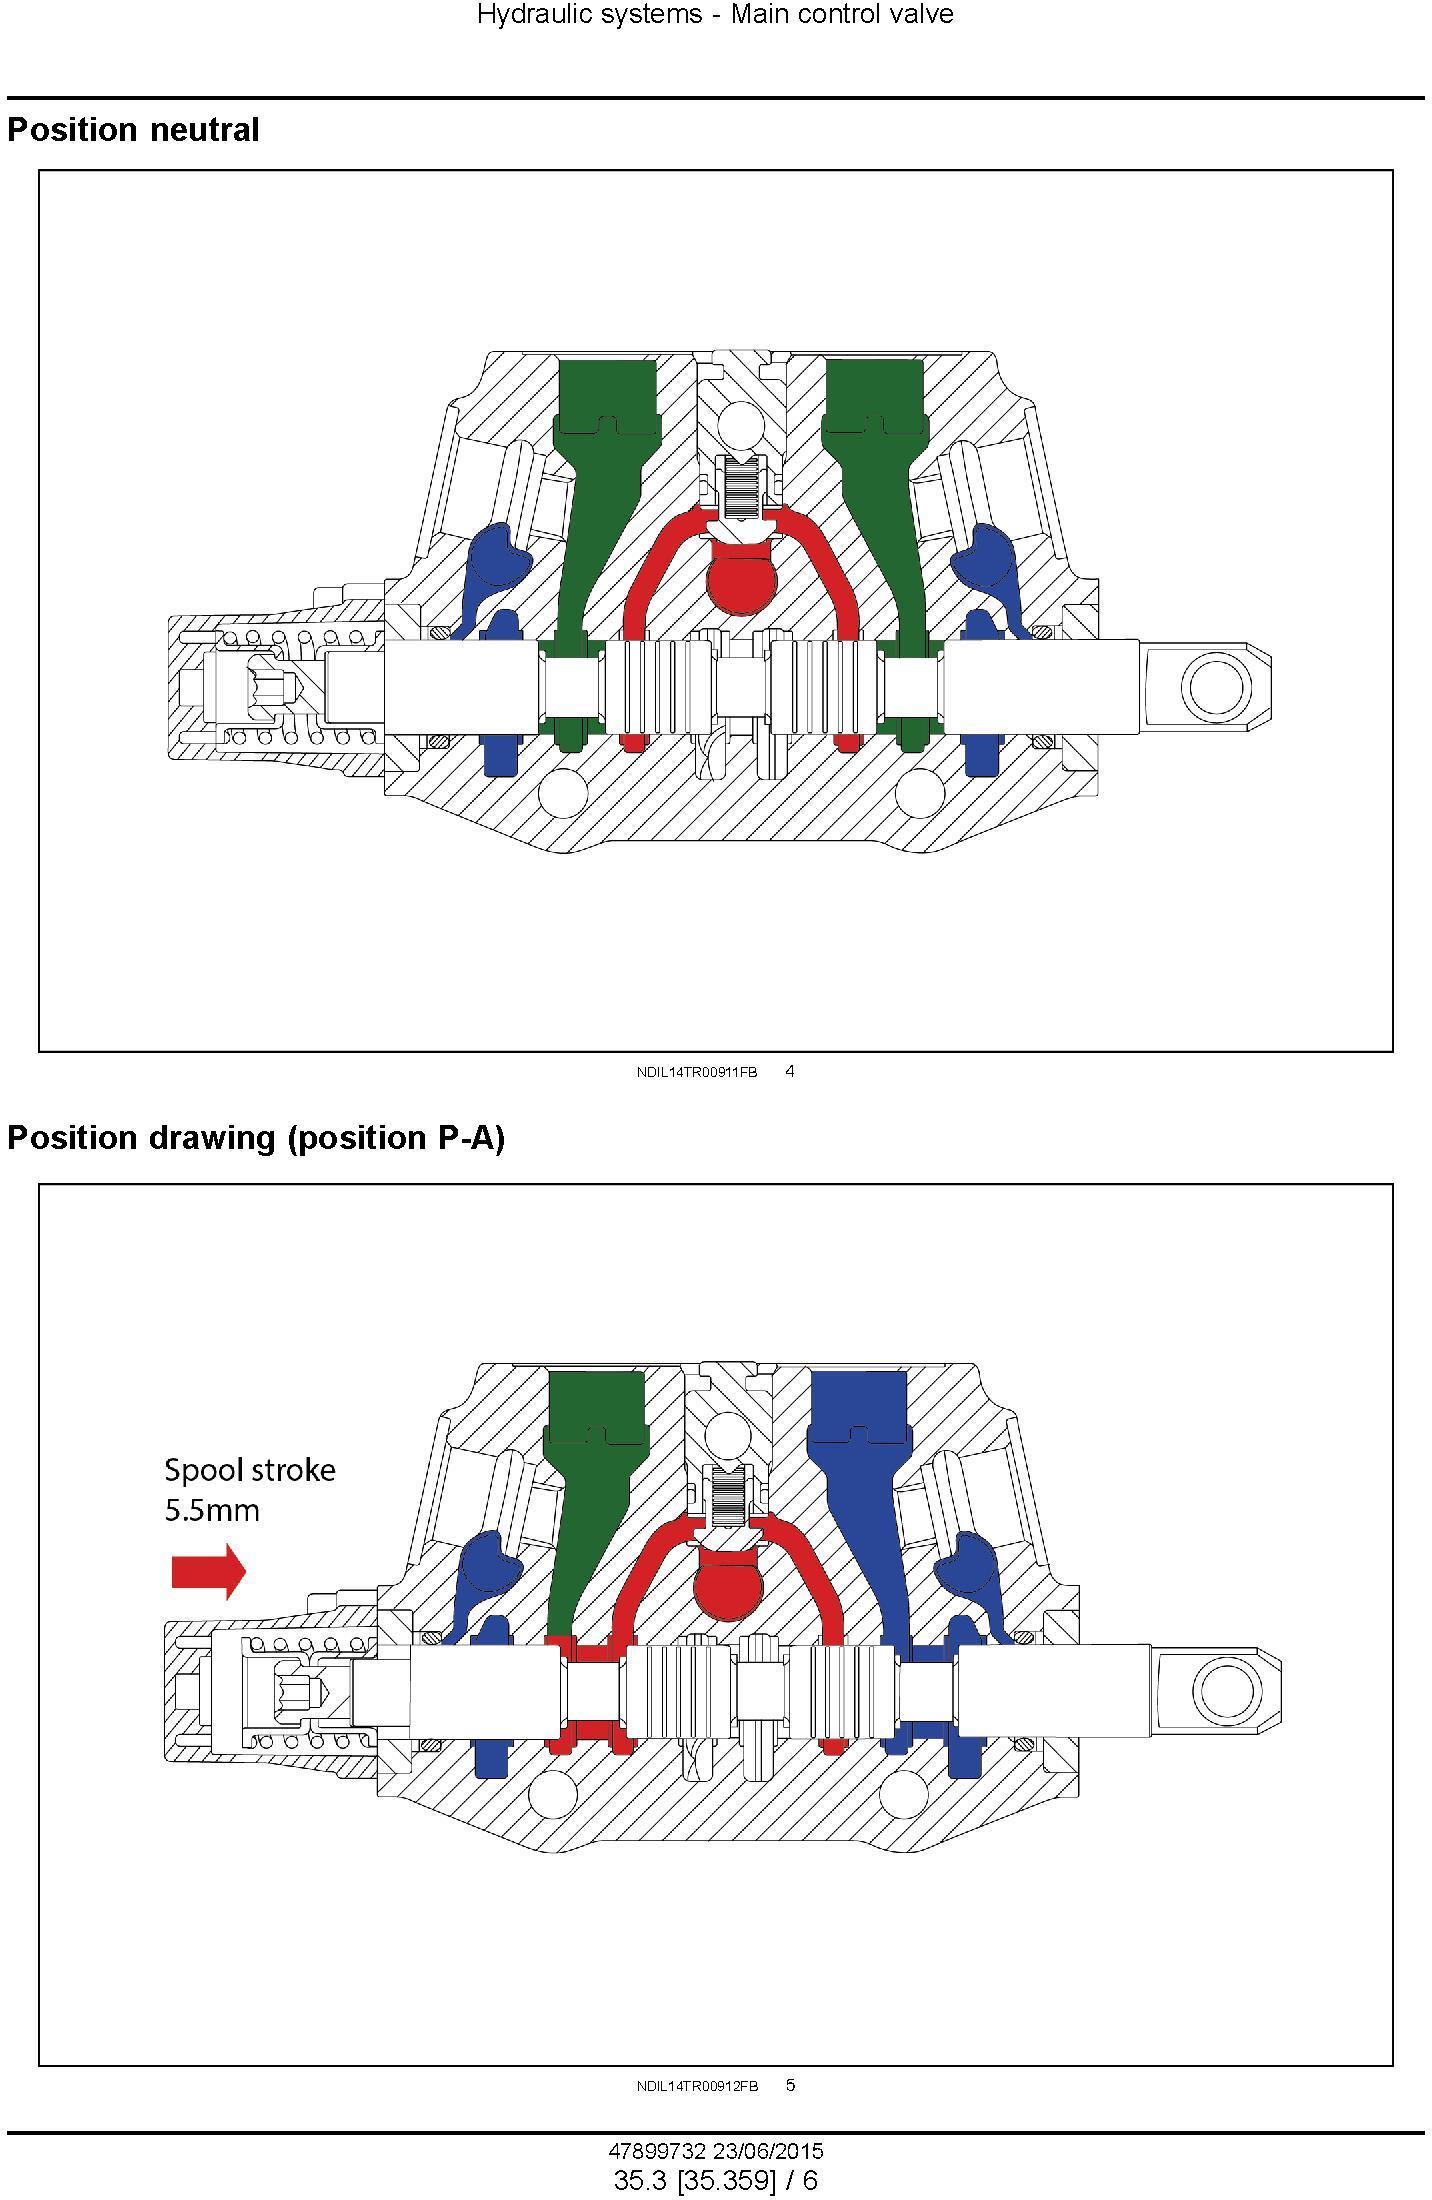 New Holland TT55, TT65, TT75 2WD and 4WD Tier 3 Tractors Service Manual - 3